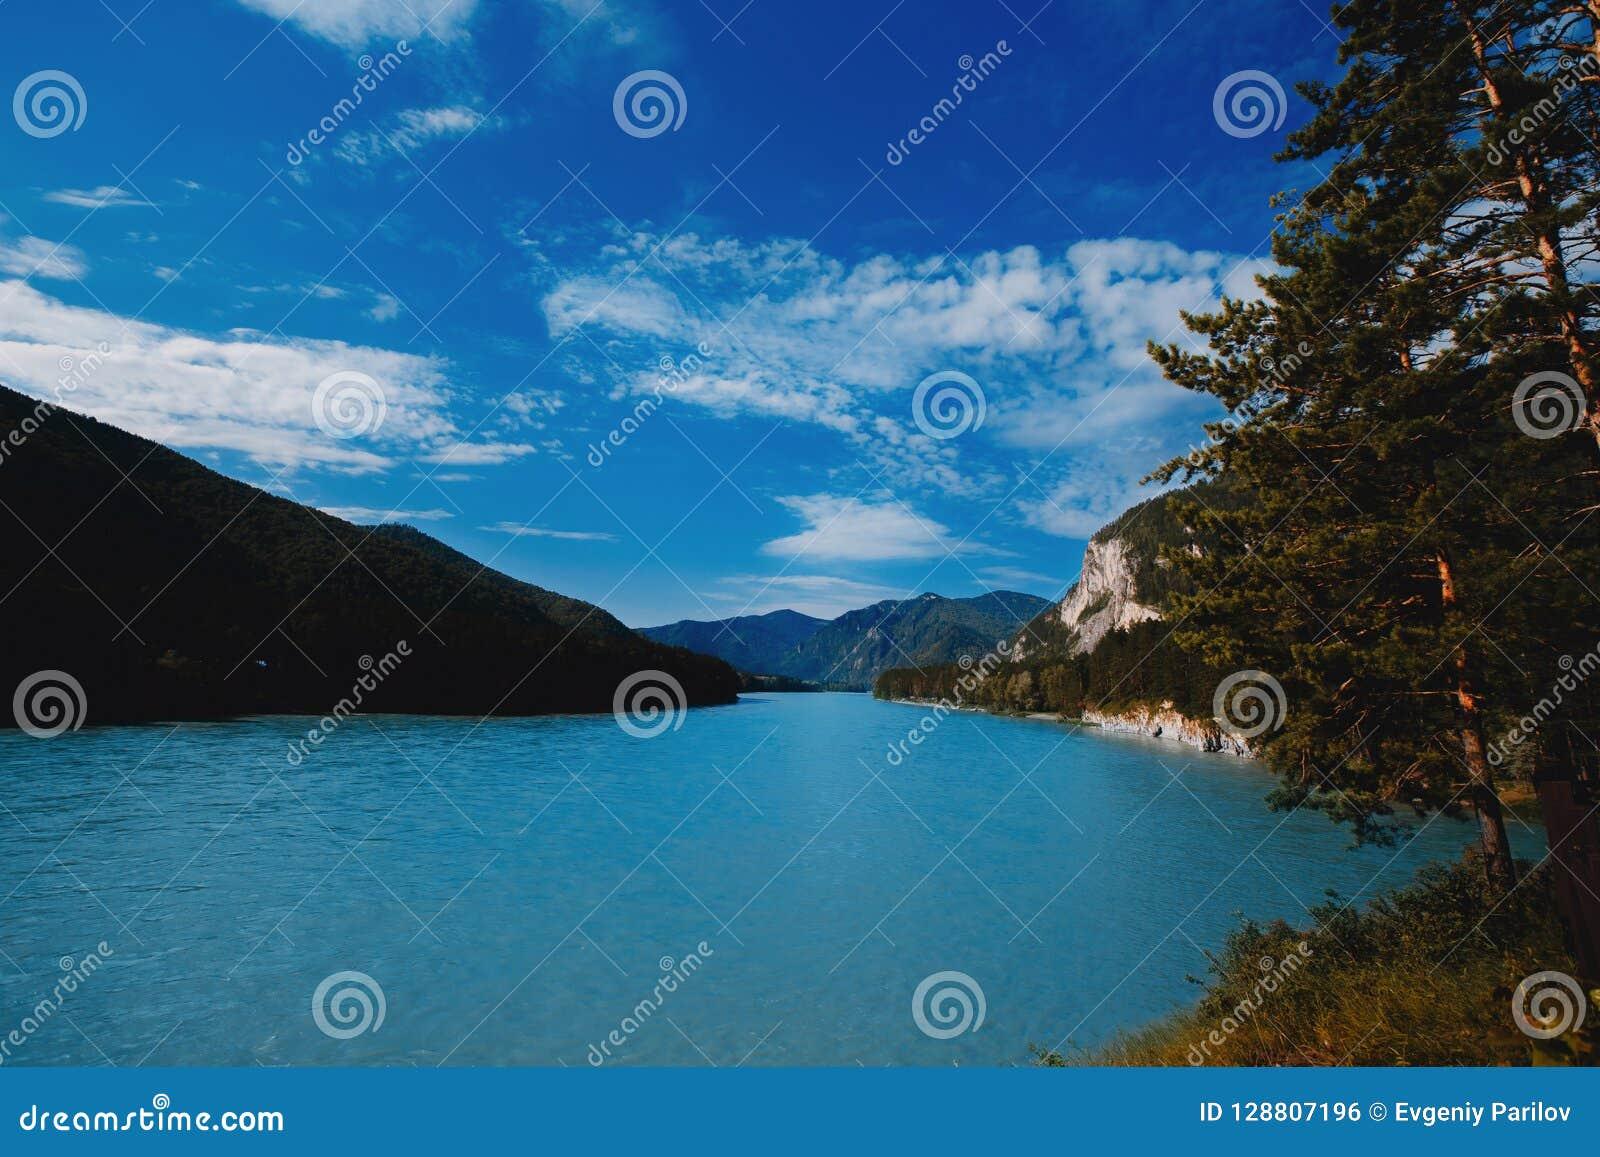 Biryuzovaya katun, Blauwe en turkooise rivier in Rusland